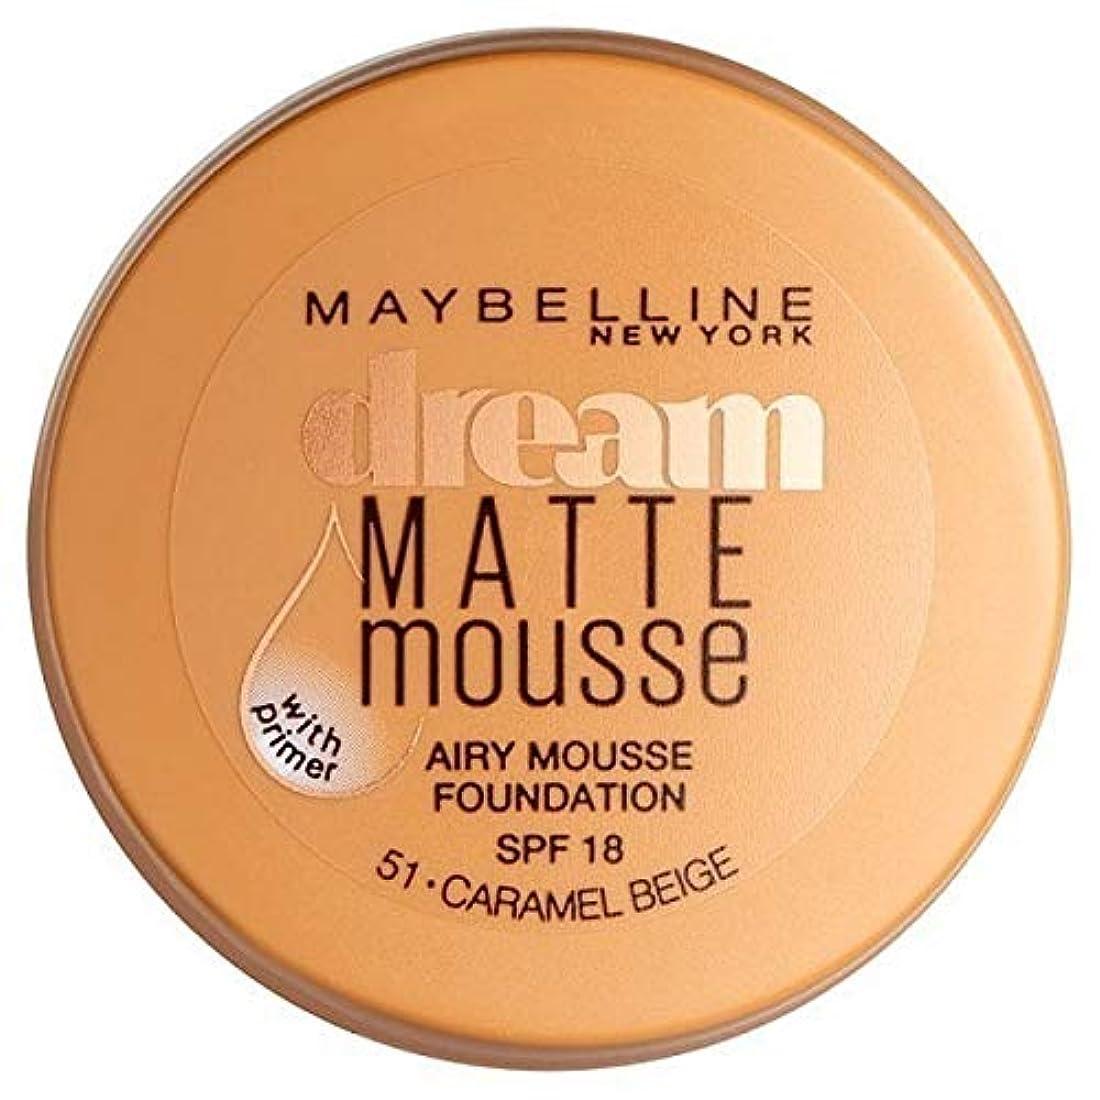 回答捨てる一次[Maybelline ] メイベリン夢のマットムース基盤051キャラメルベージュ - Maybelline Dream Matte Mousse Foundation 051 Caramel Beige [並行輸入品]